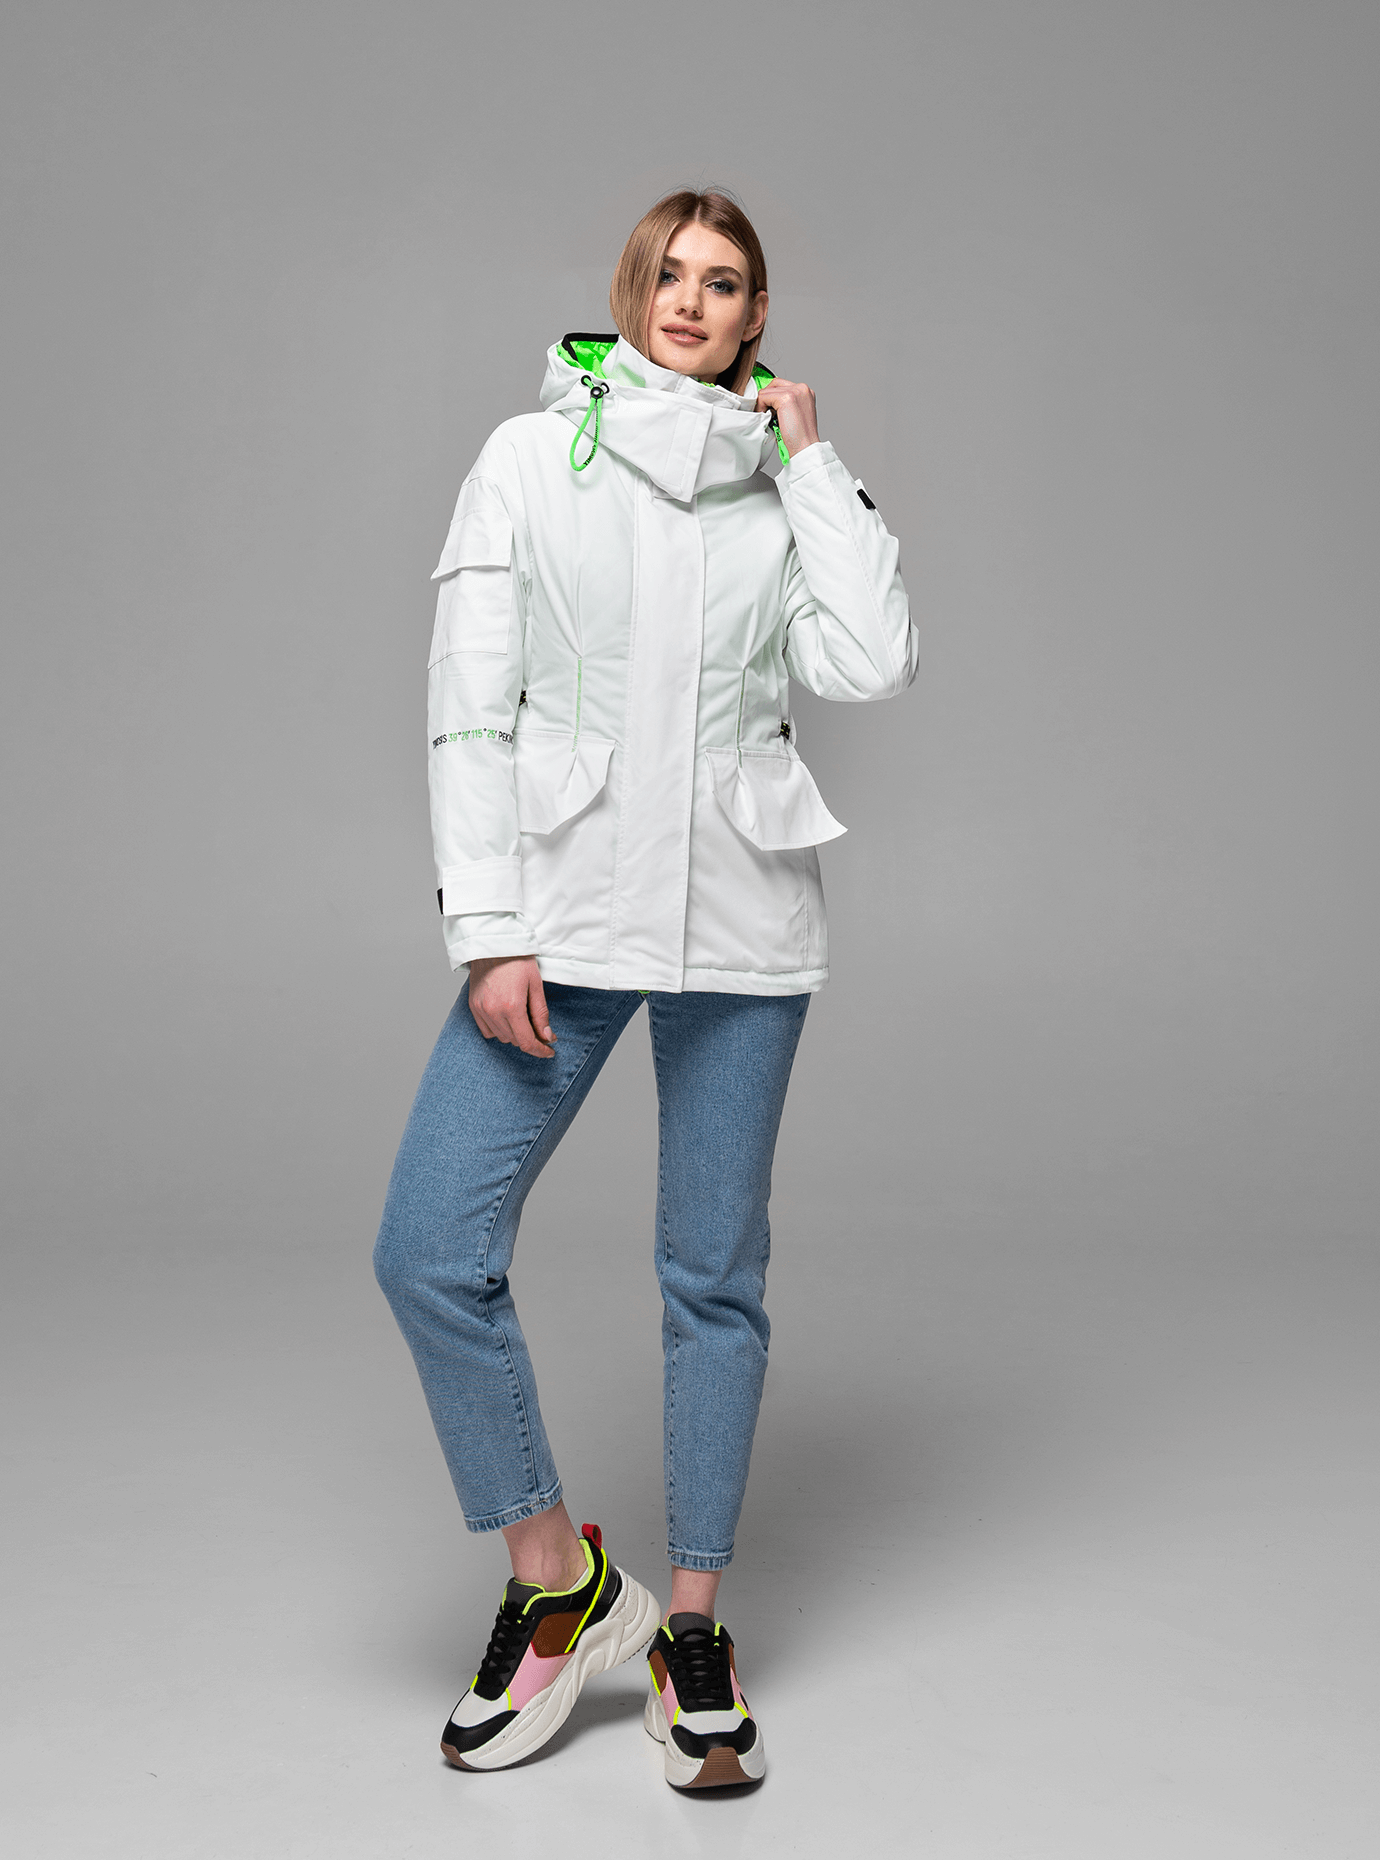 Куртка демисезонная с высоким воротником Белый L (02-Y191022): фото - Alster.ua